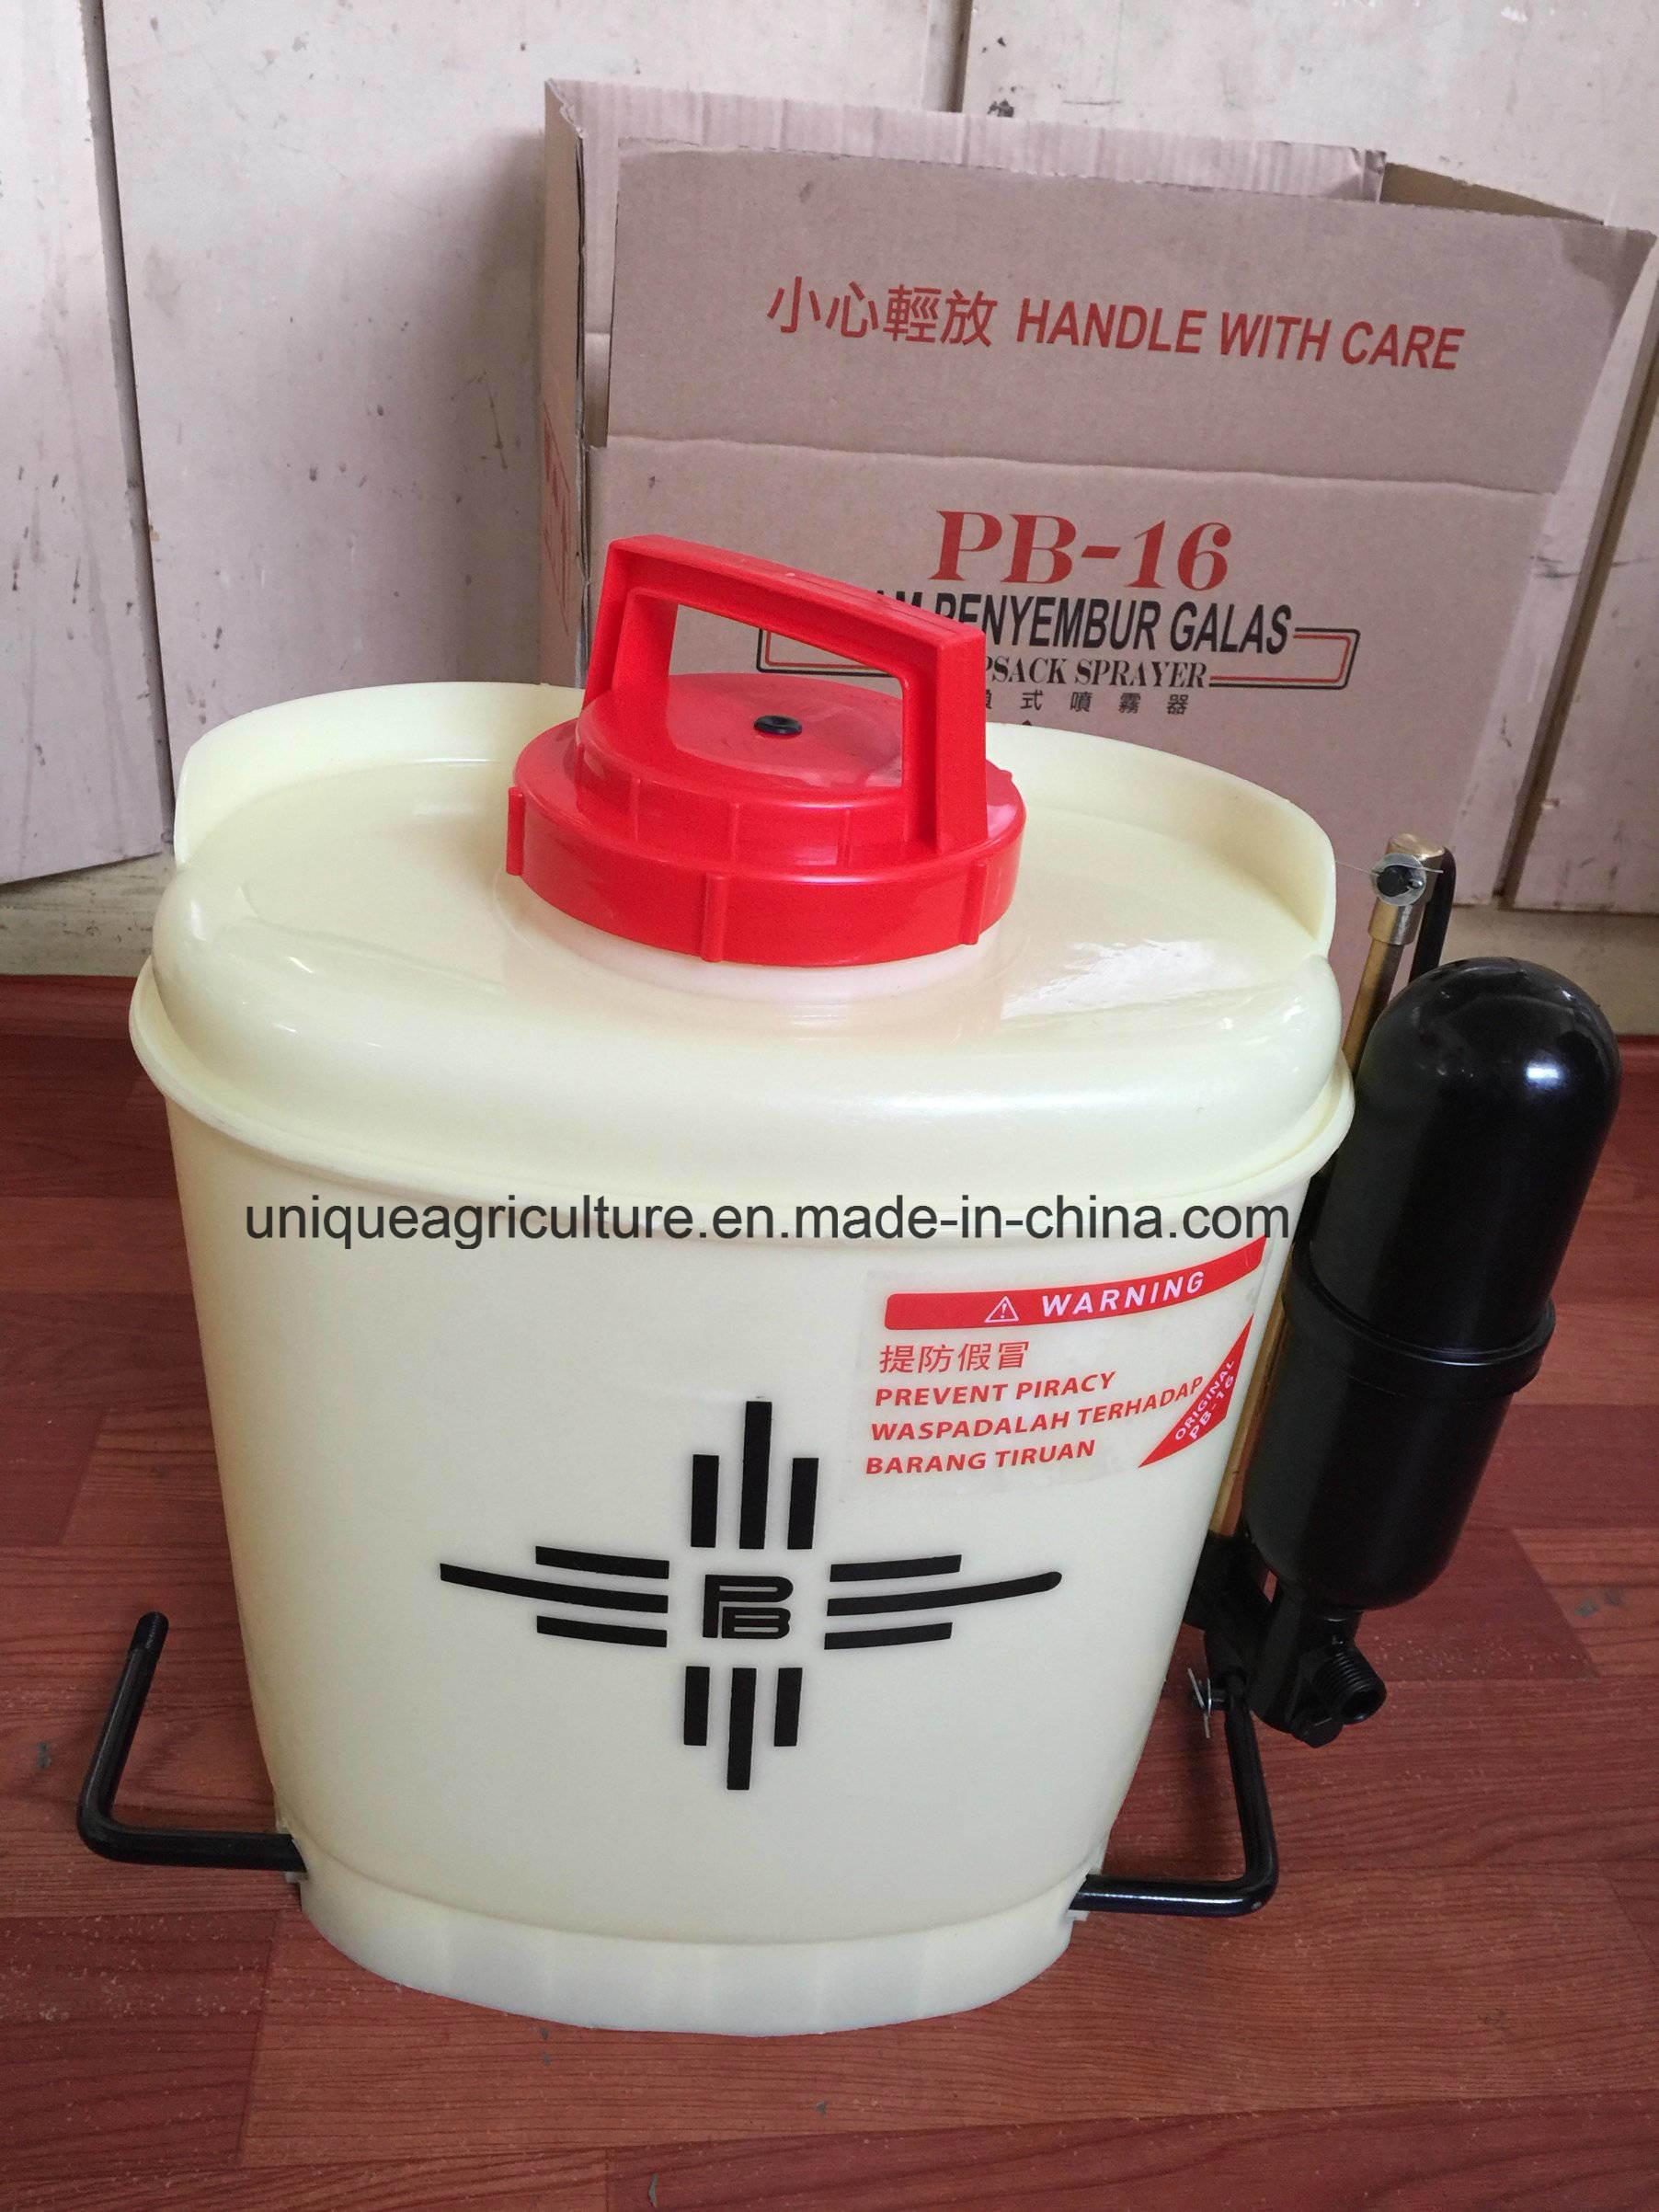 16 Liters Poly Hand Sprayer, Knapsack Manual Sprayer